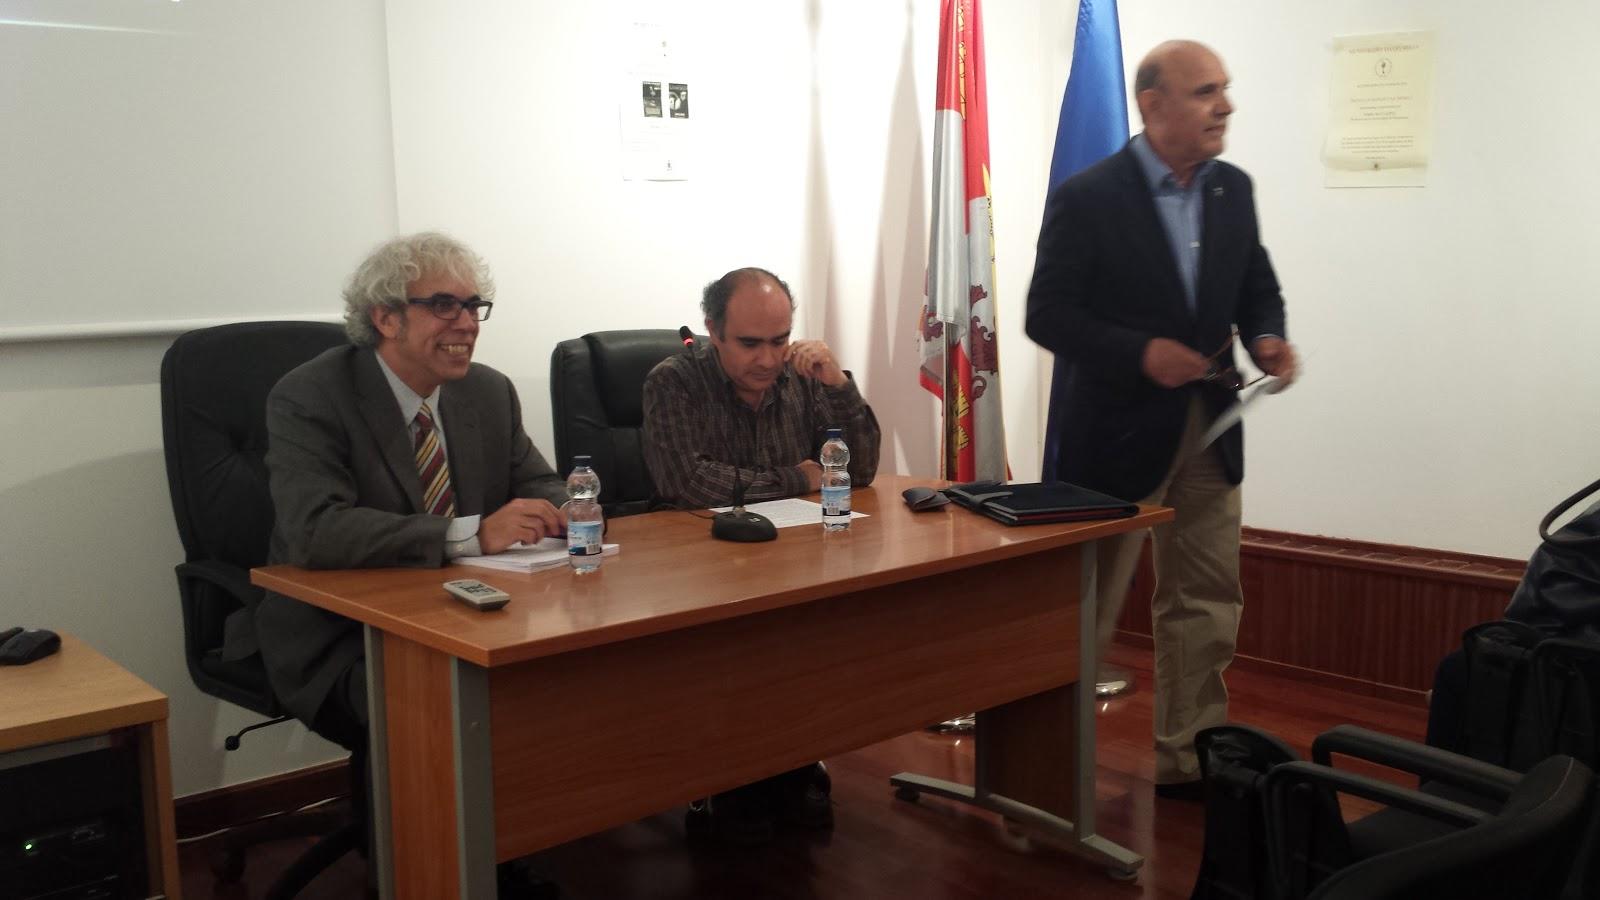 presentacionde la conferencia, Sanchez Paso, Oscar Ryvadeneira y Antonio Avilés Amat